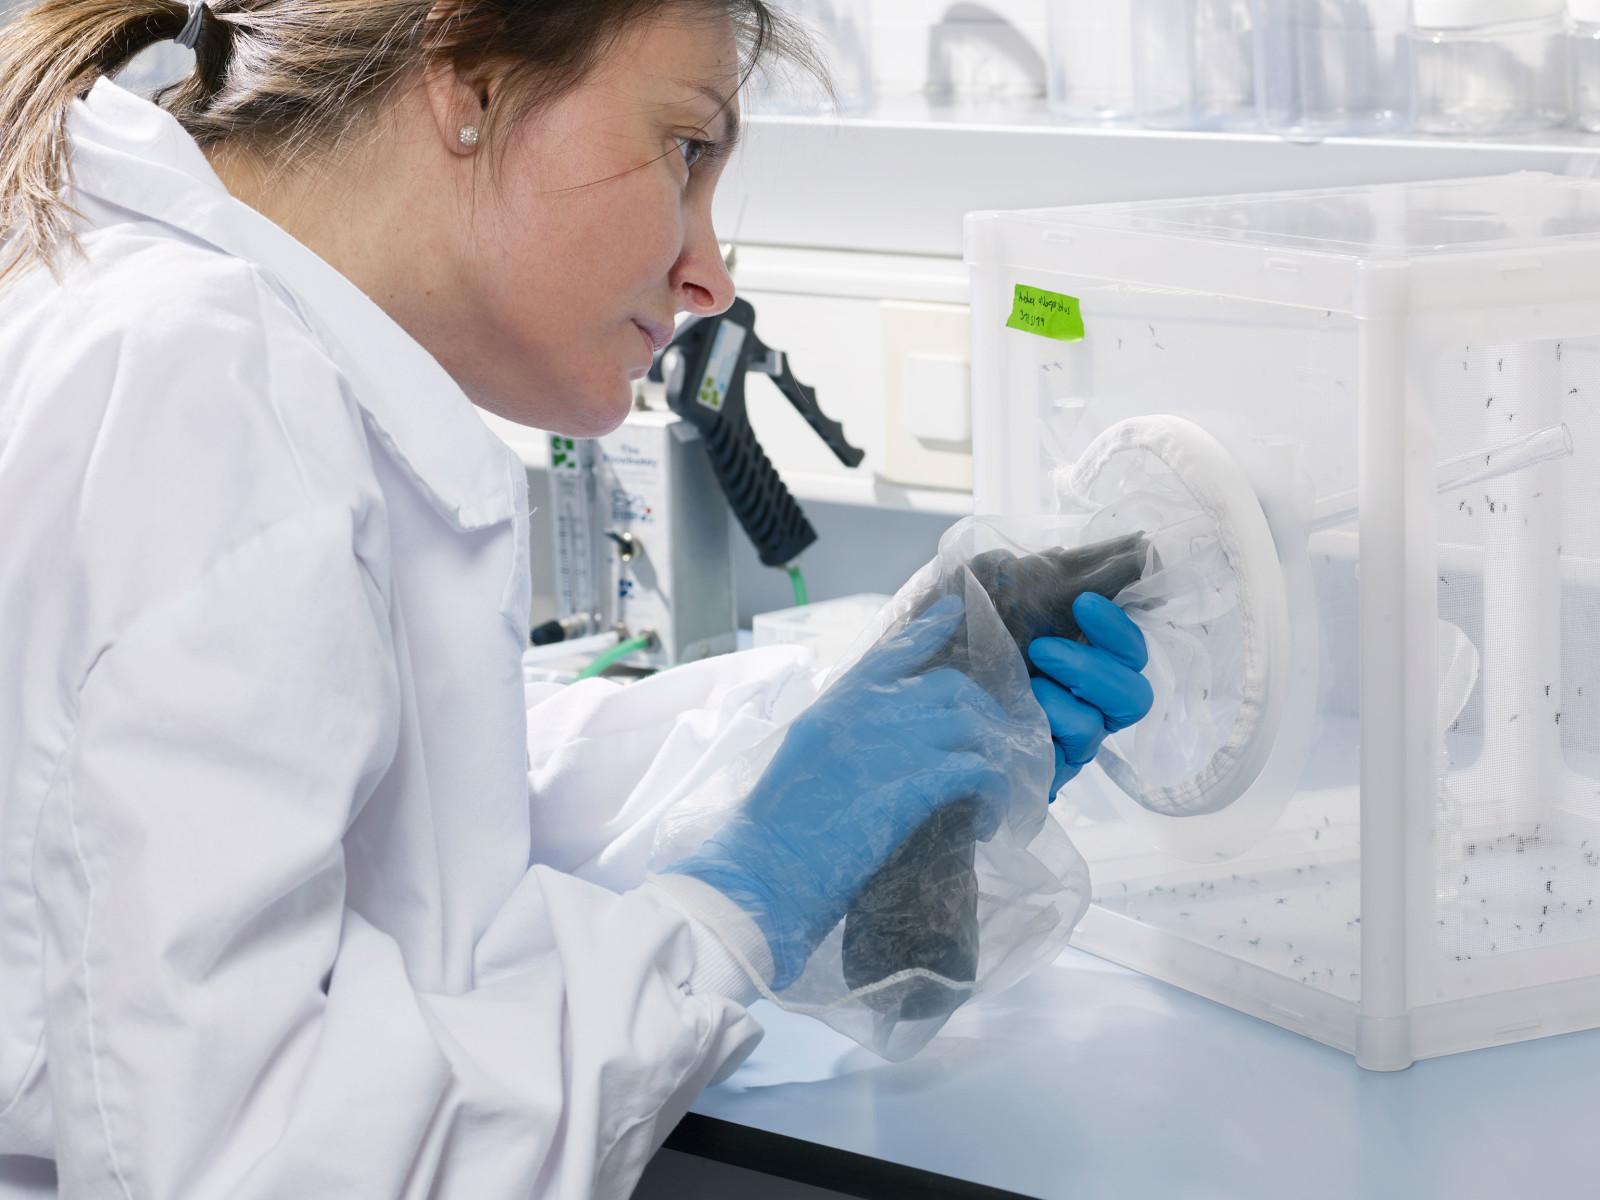 El programa de Sanitat Animal treballa amb malalties de declaració obligatòria així com amb programes específics de vigilància i control epidemiològic.